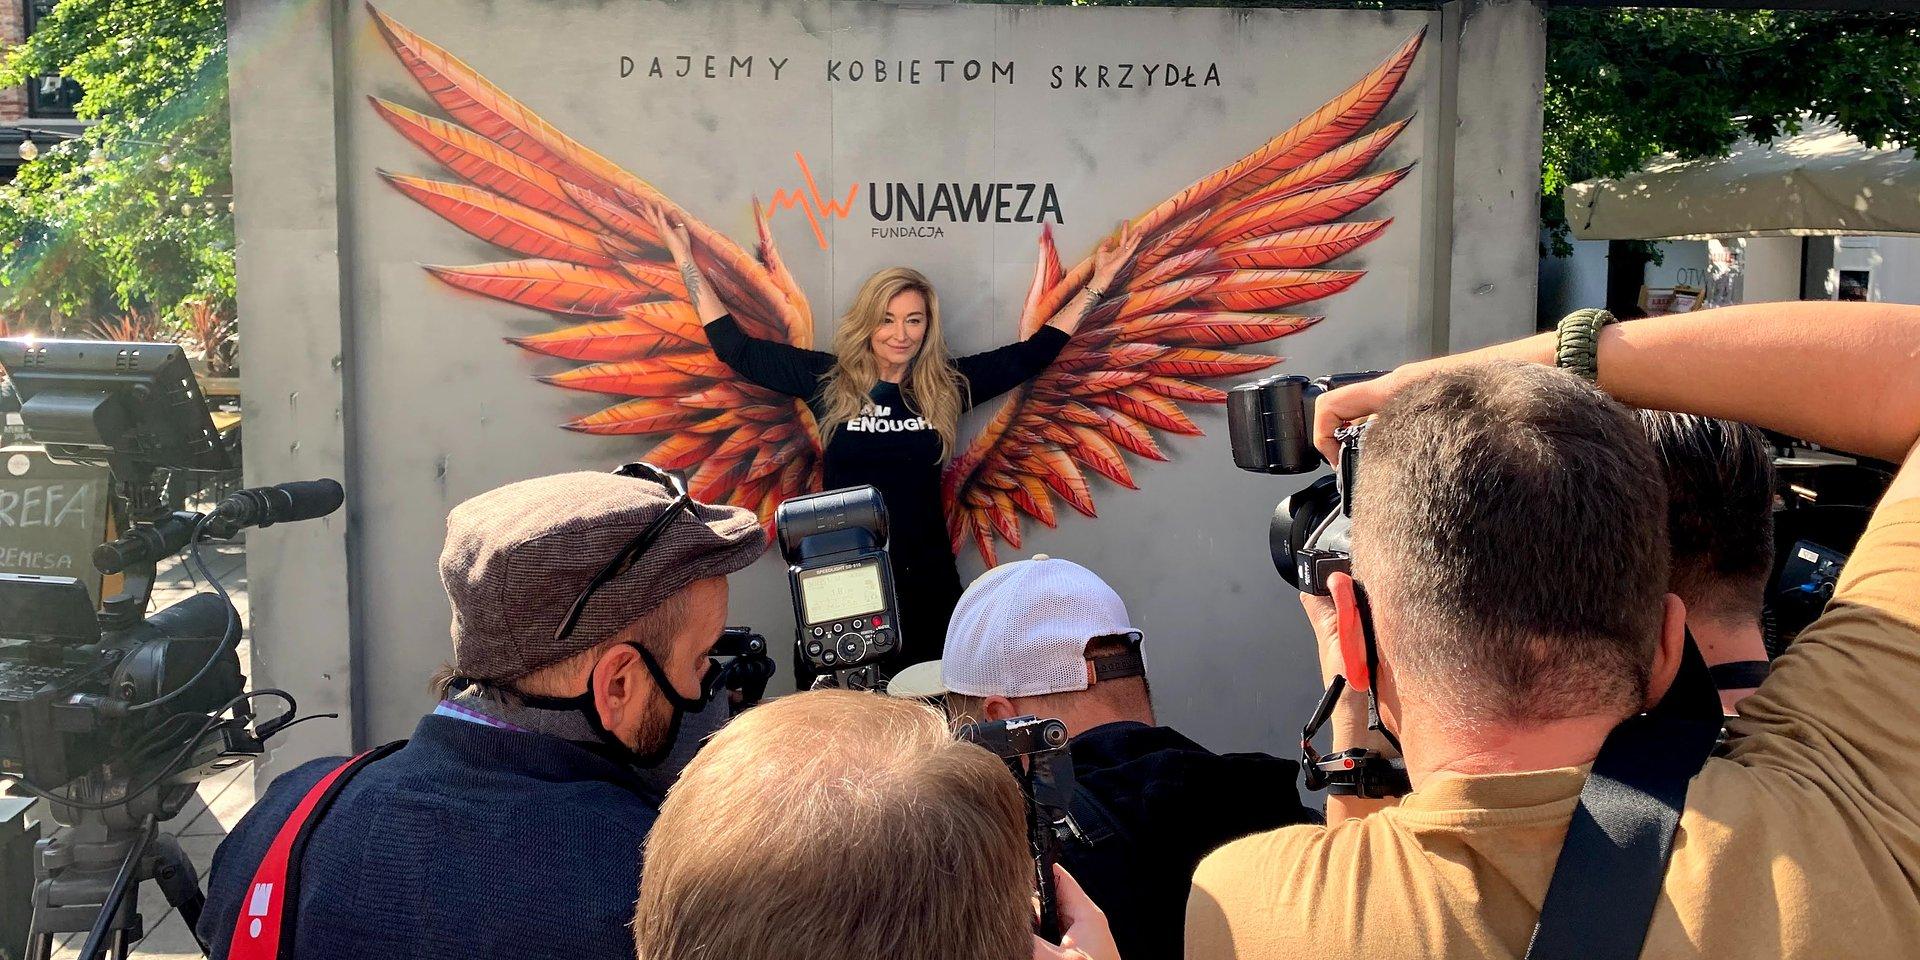 W Hali Koszyki dajemy kobietom skrzydła!